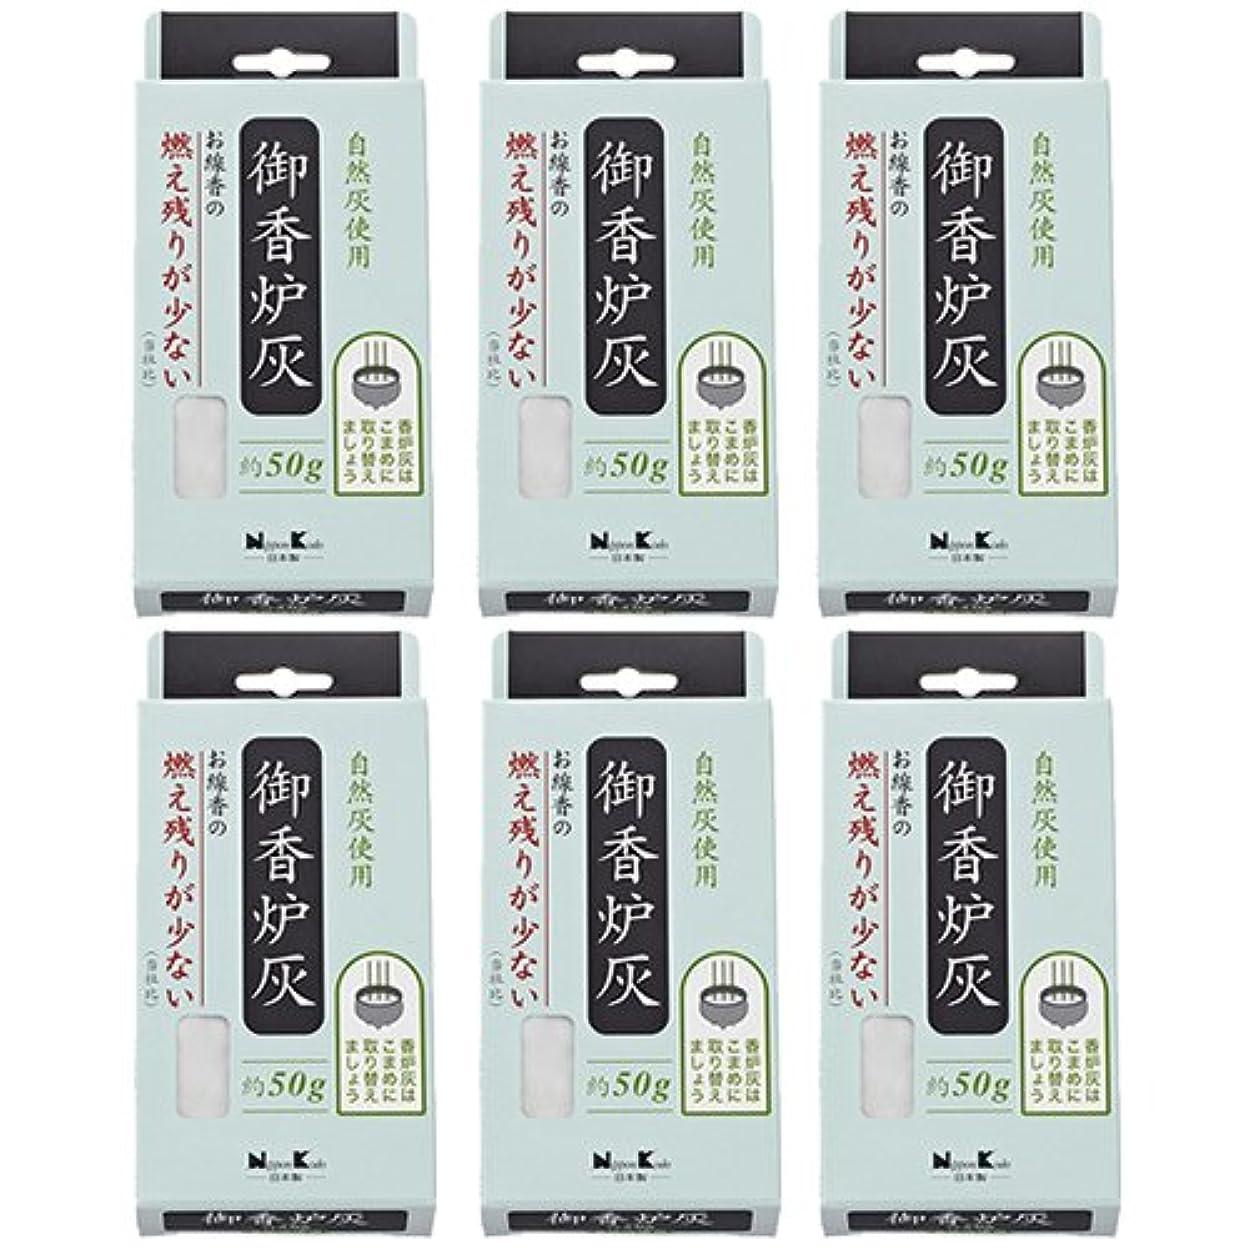 床を掃除する地震インフレーション【日本香堂】香炉 燃え残りが少ない御香炉灰 約50g入 6個セット